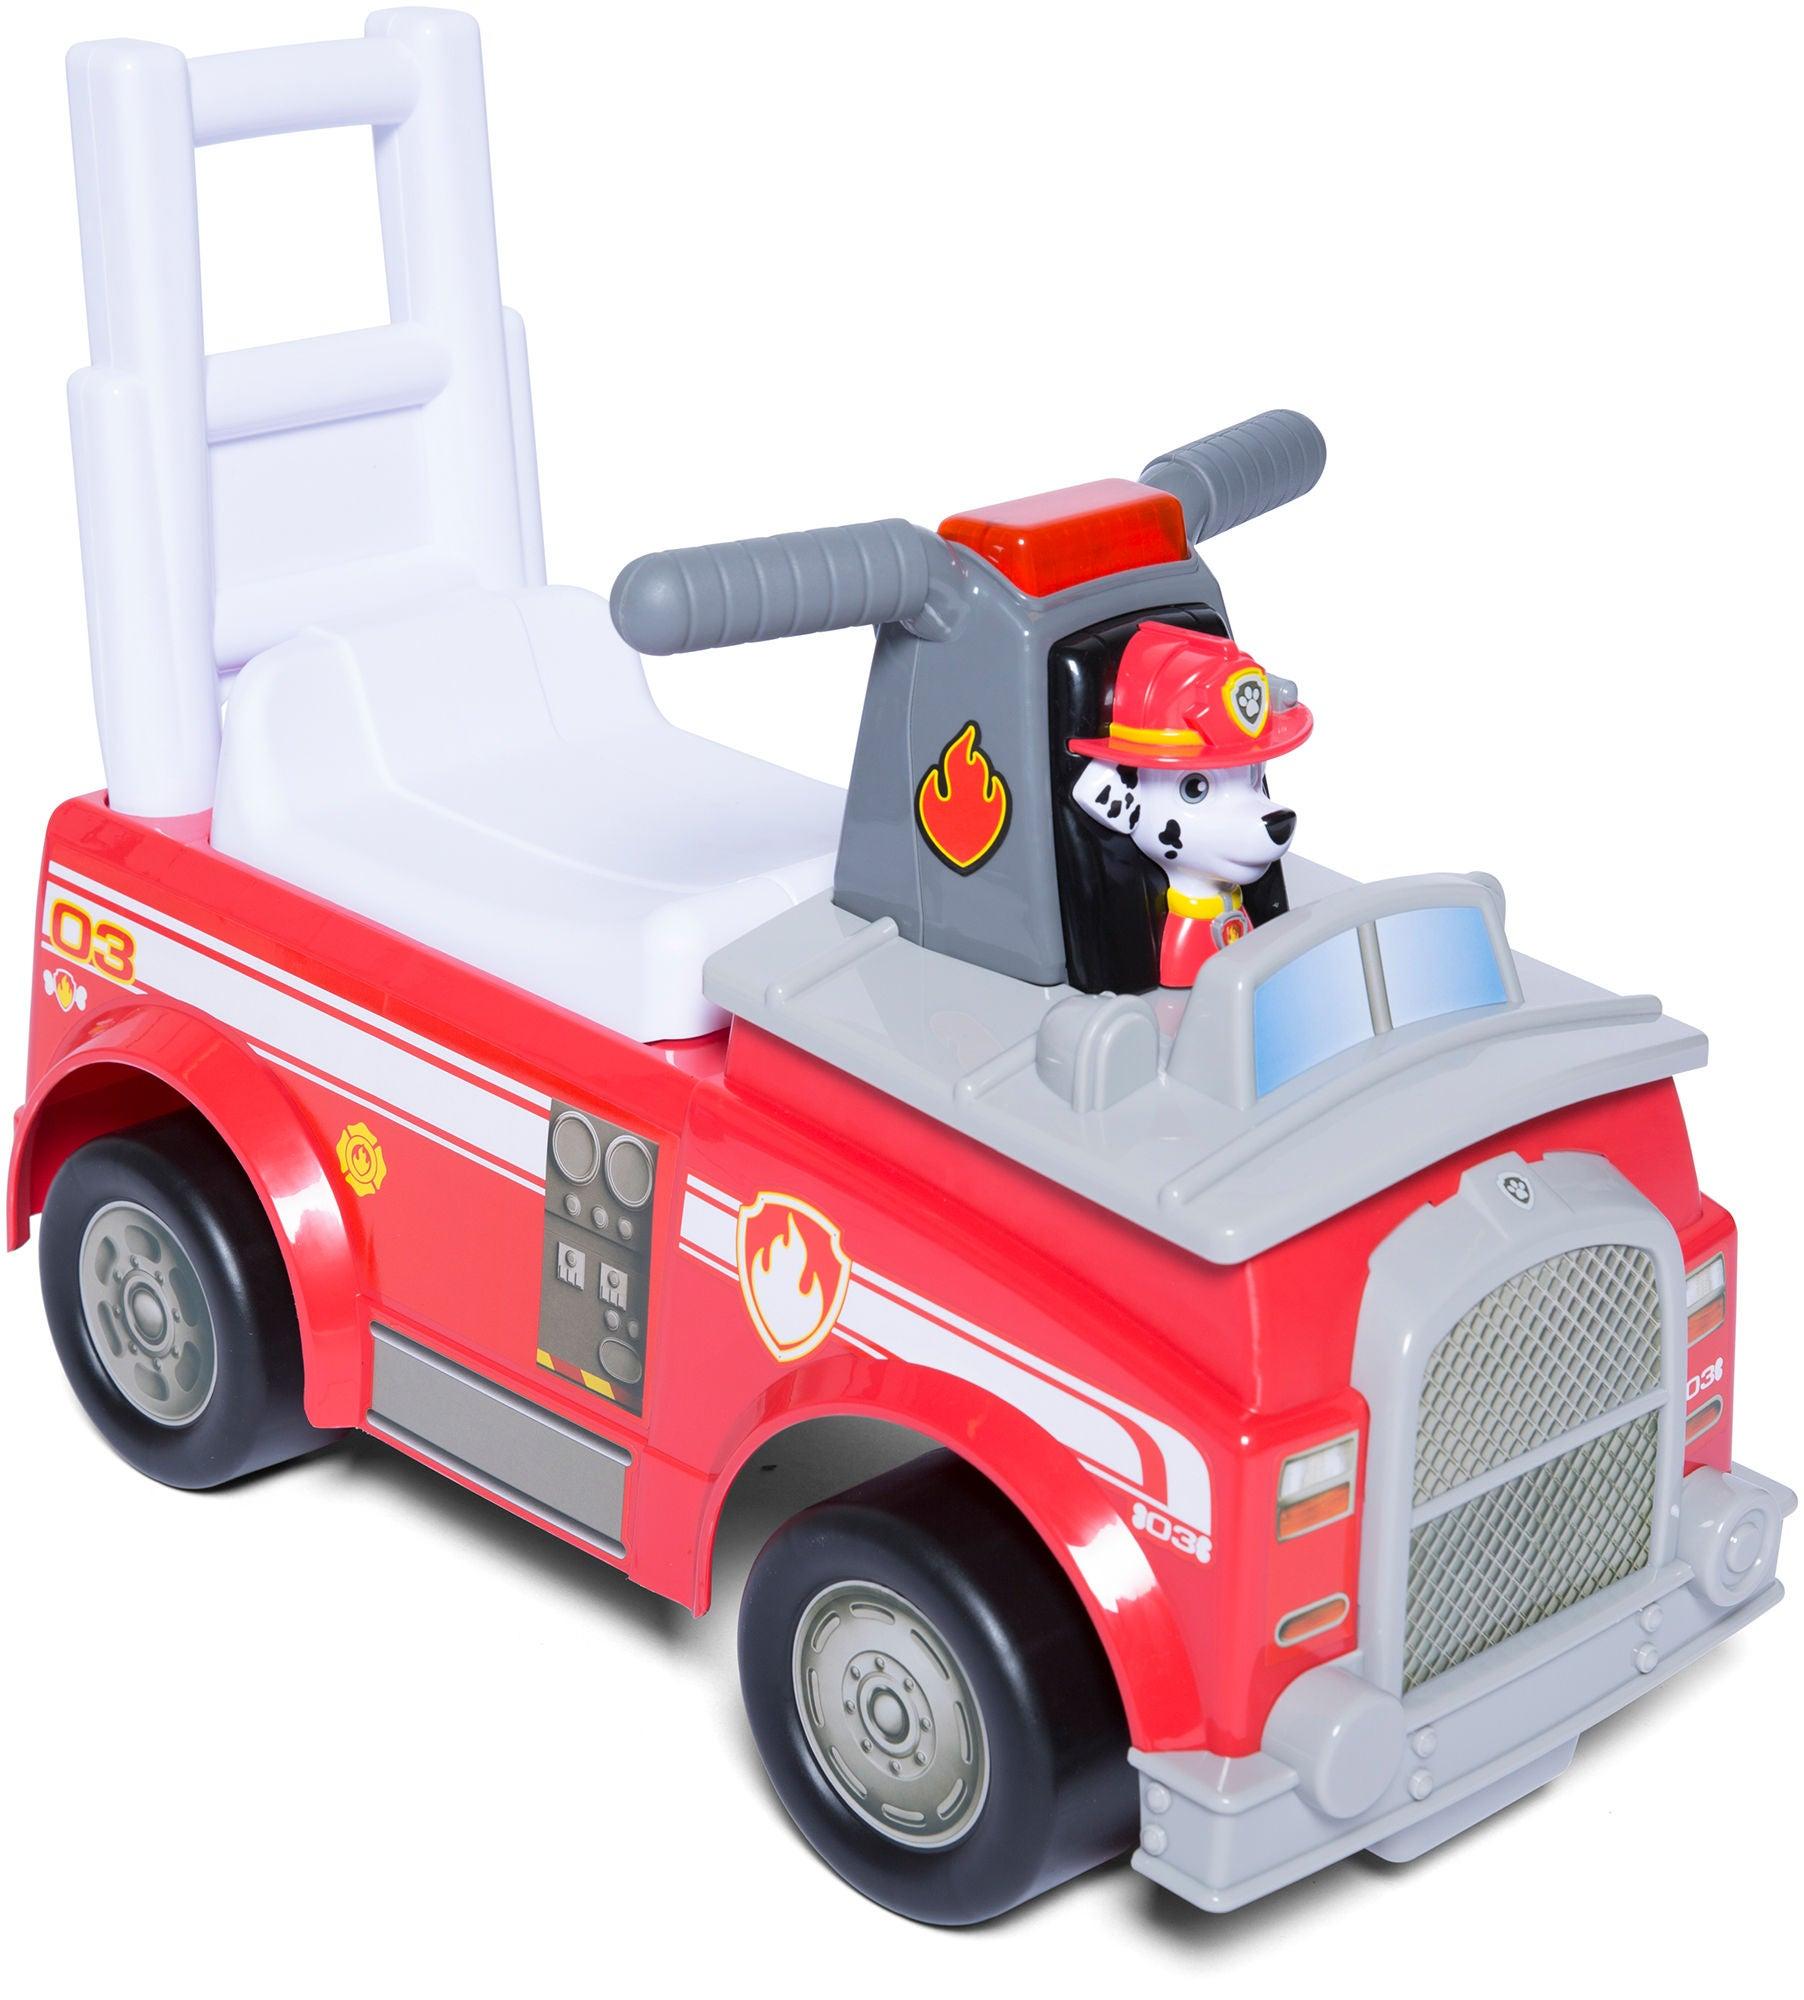 Paw Patrol Marshall Fire Fighting Truck Gåbil, Rød